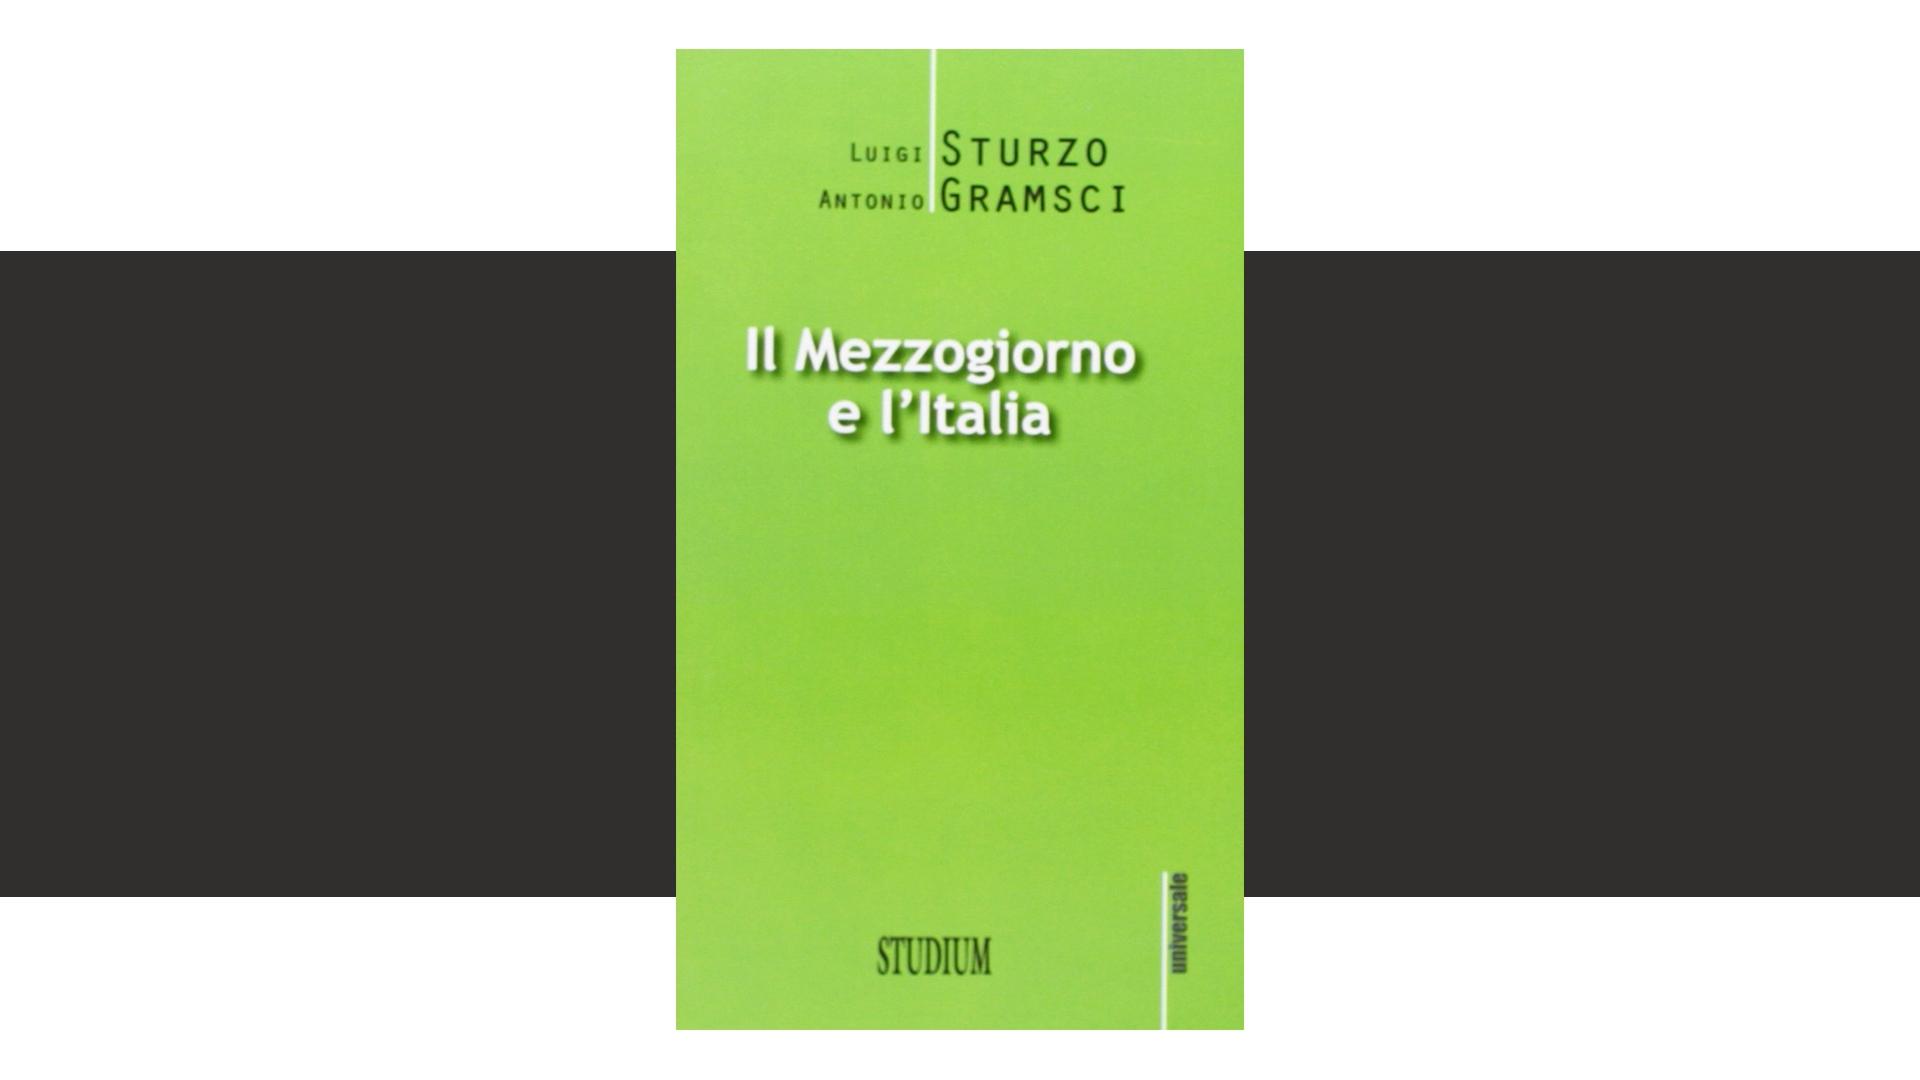 Il Mezzogiorno di Sturzo e Gramsci nel saggio di D'Andrea e Giasi